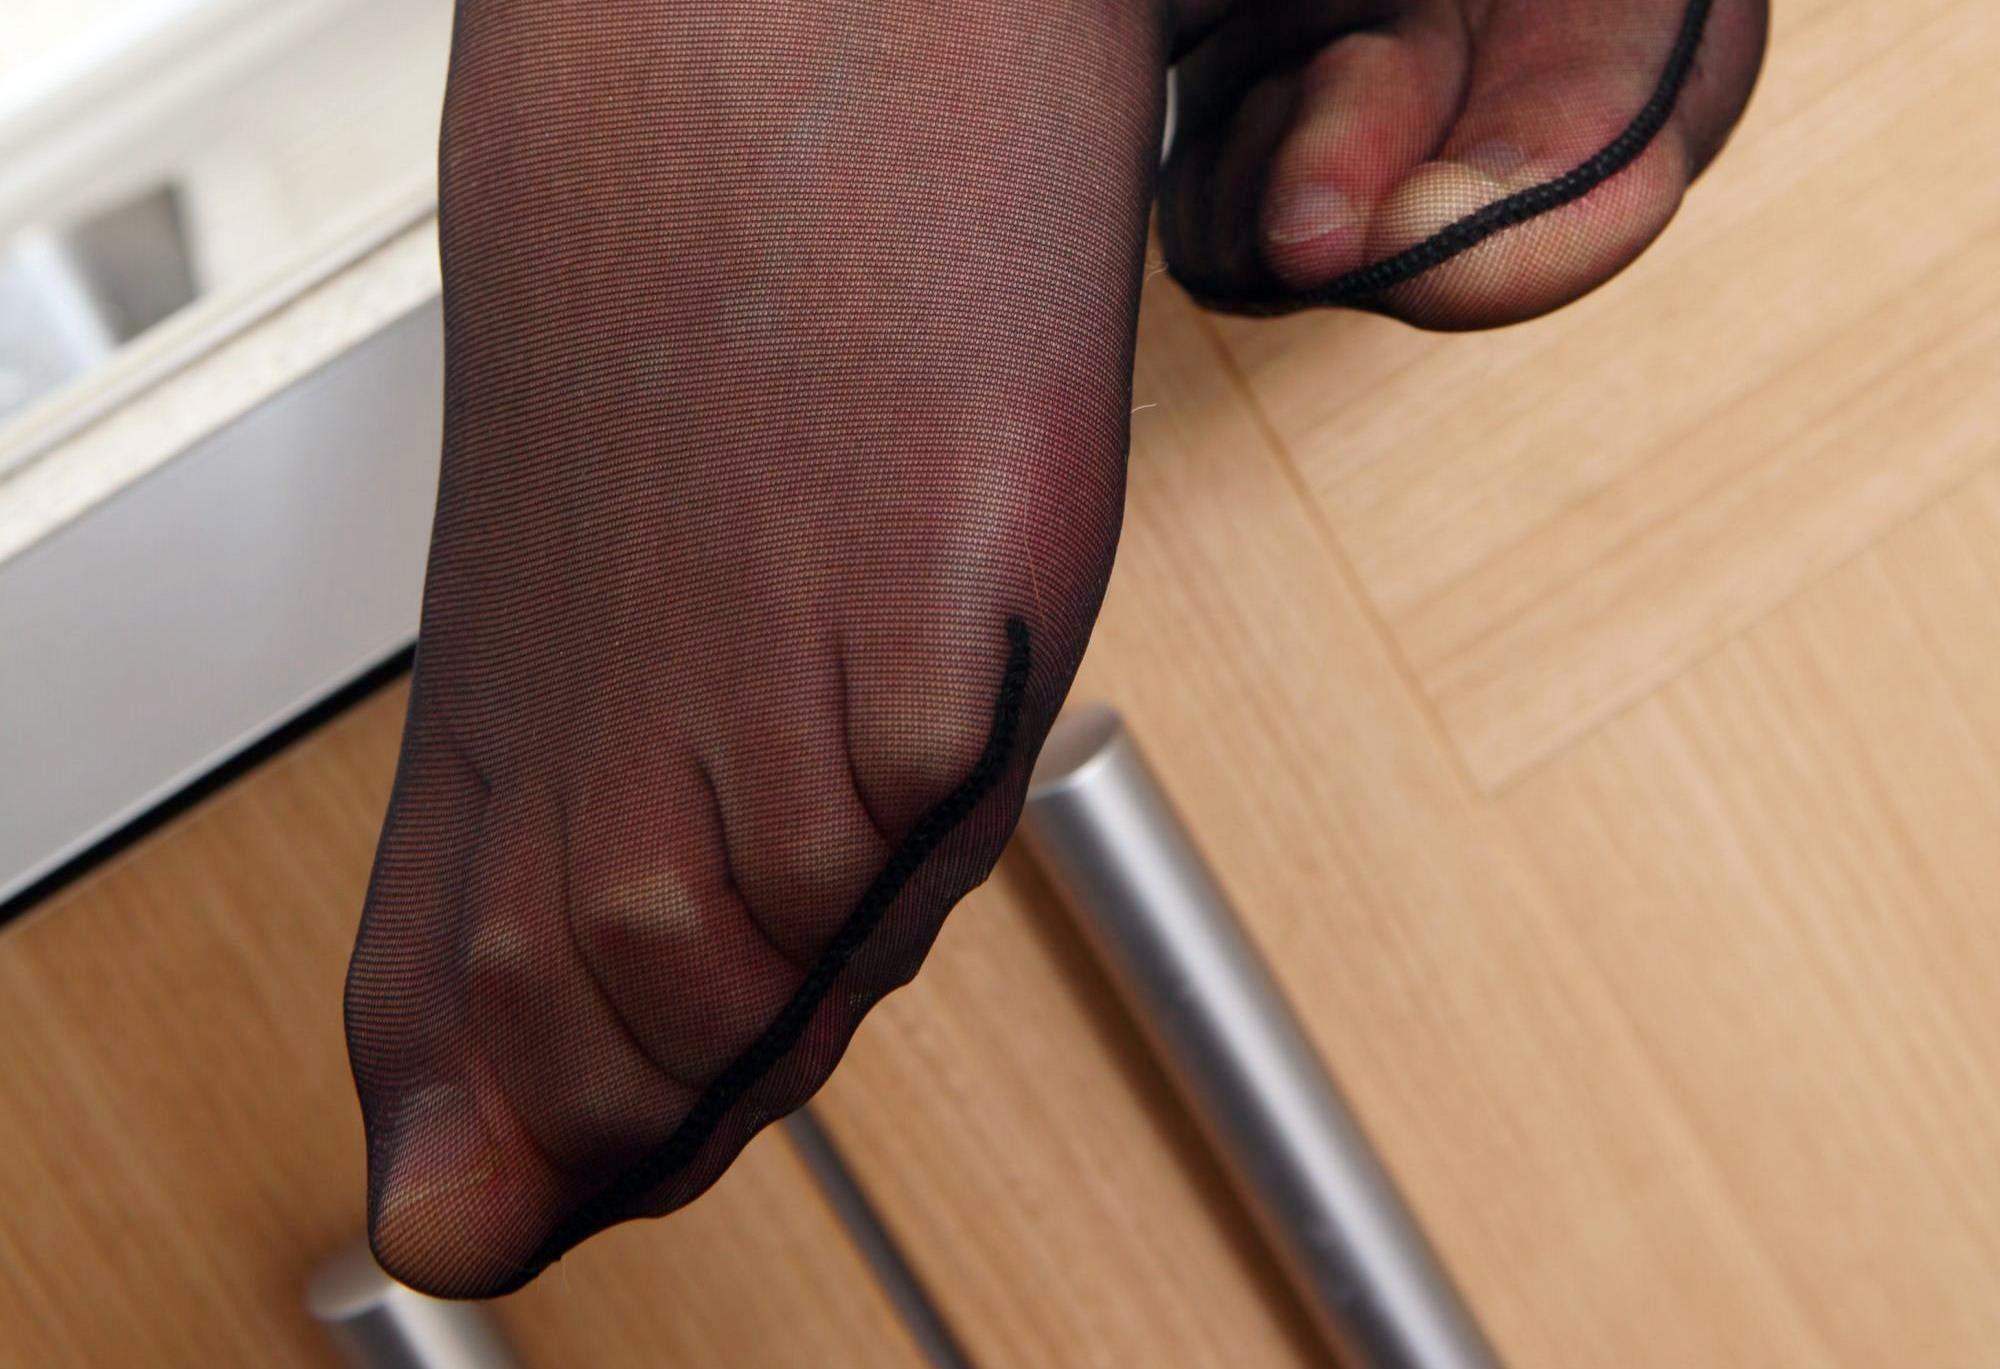 Фото пальчиков и ступней ног в чулках 2 фотография